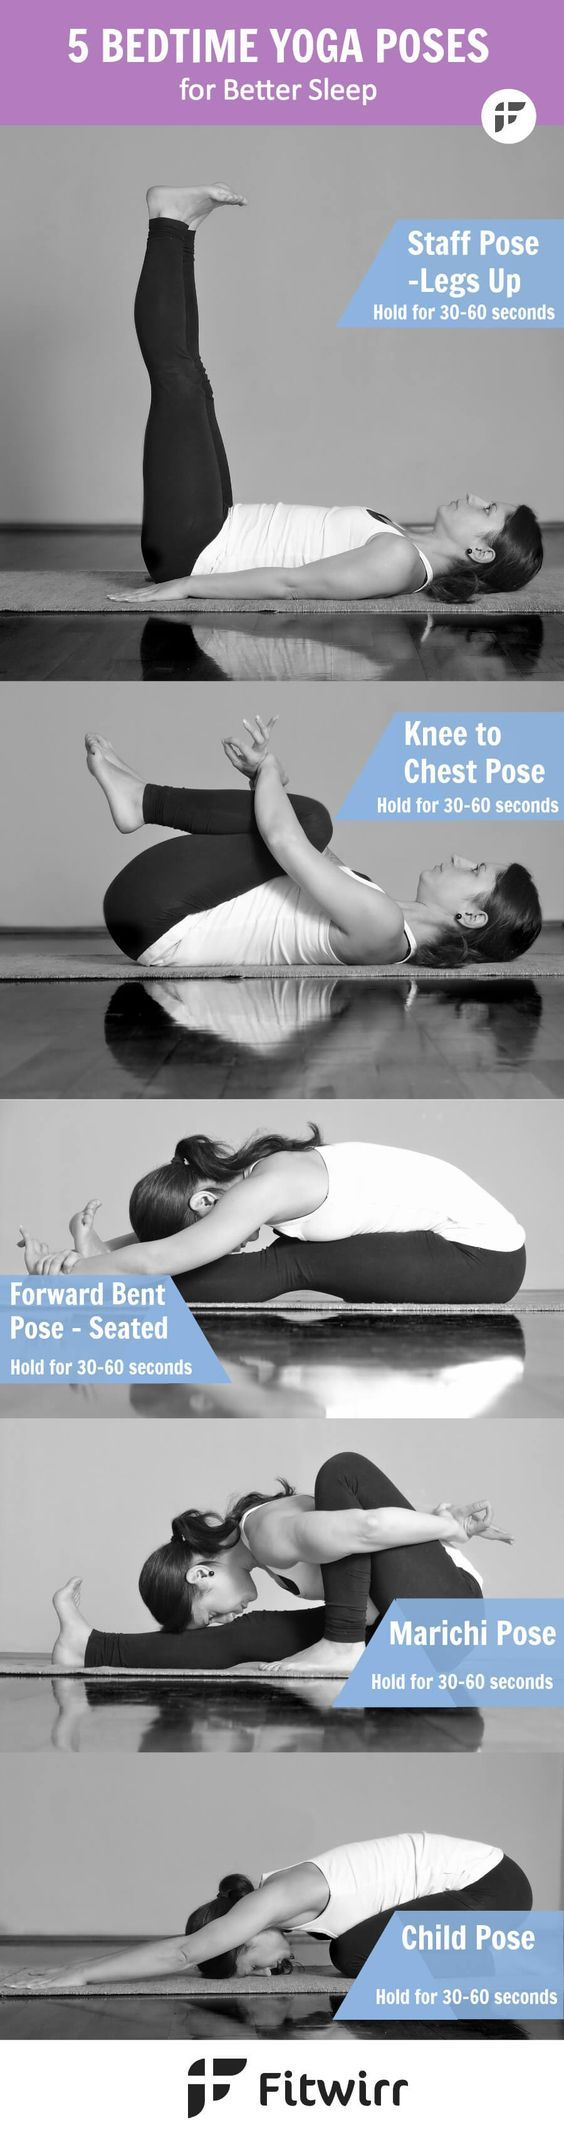 5 Bedtime Yoga Poses For Better Sleep Bedtime Yoga Bedtime Yoga Poses Yoga